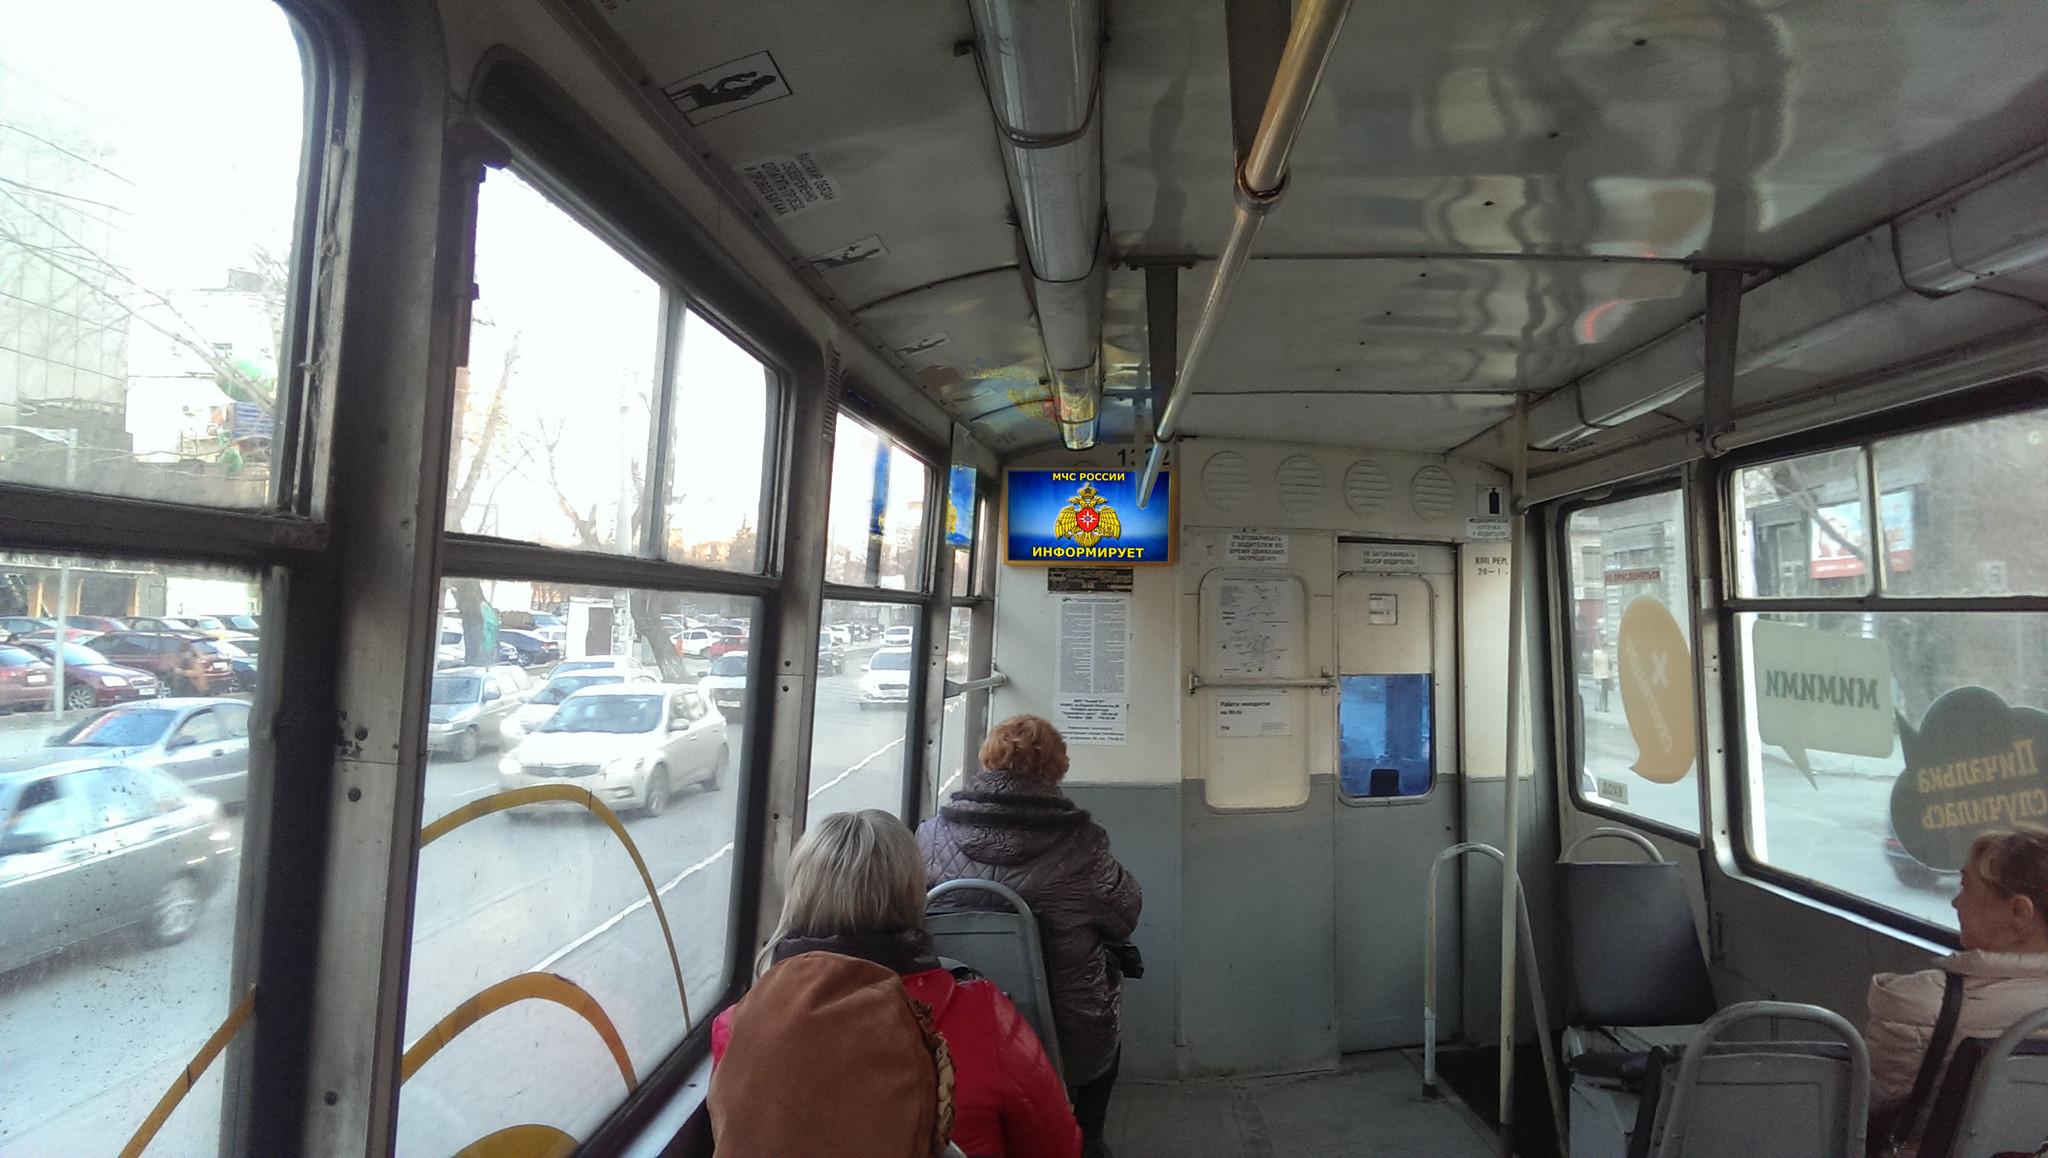 Маршрутное Телевидение: Монитор в транспорте - система информирования и оповещения населения в транспорте при угрозе и возникновении чрезвычайных ситуаций (МЧС России)